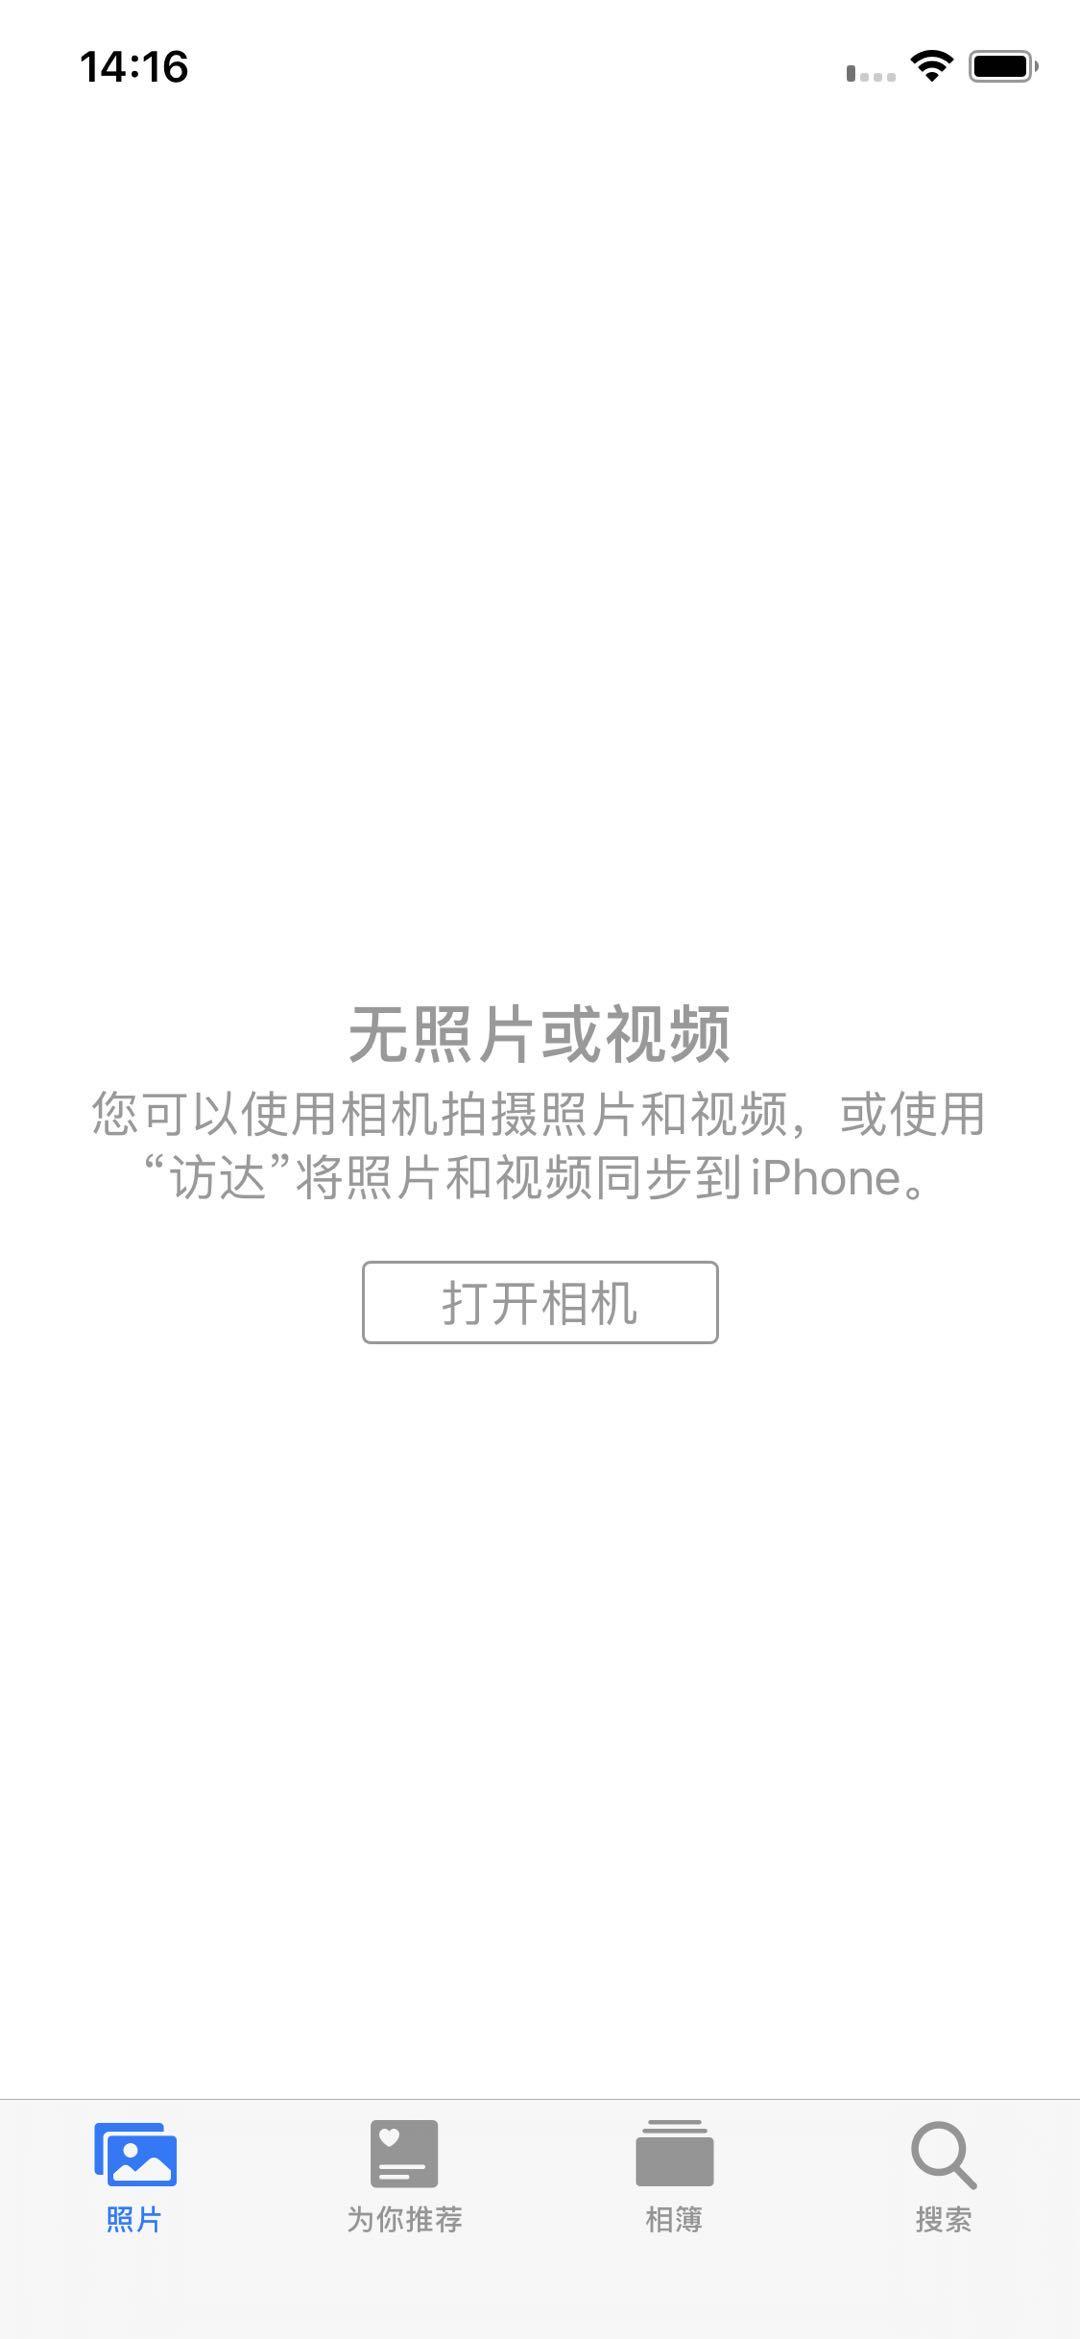 微信图片_20200419142211.jpg